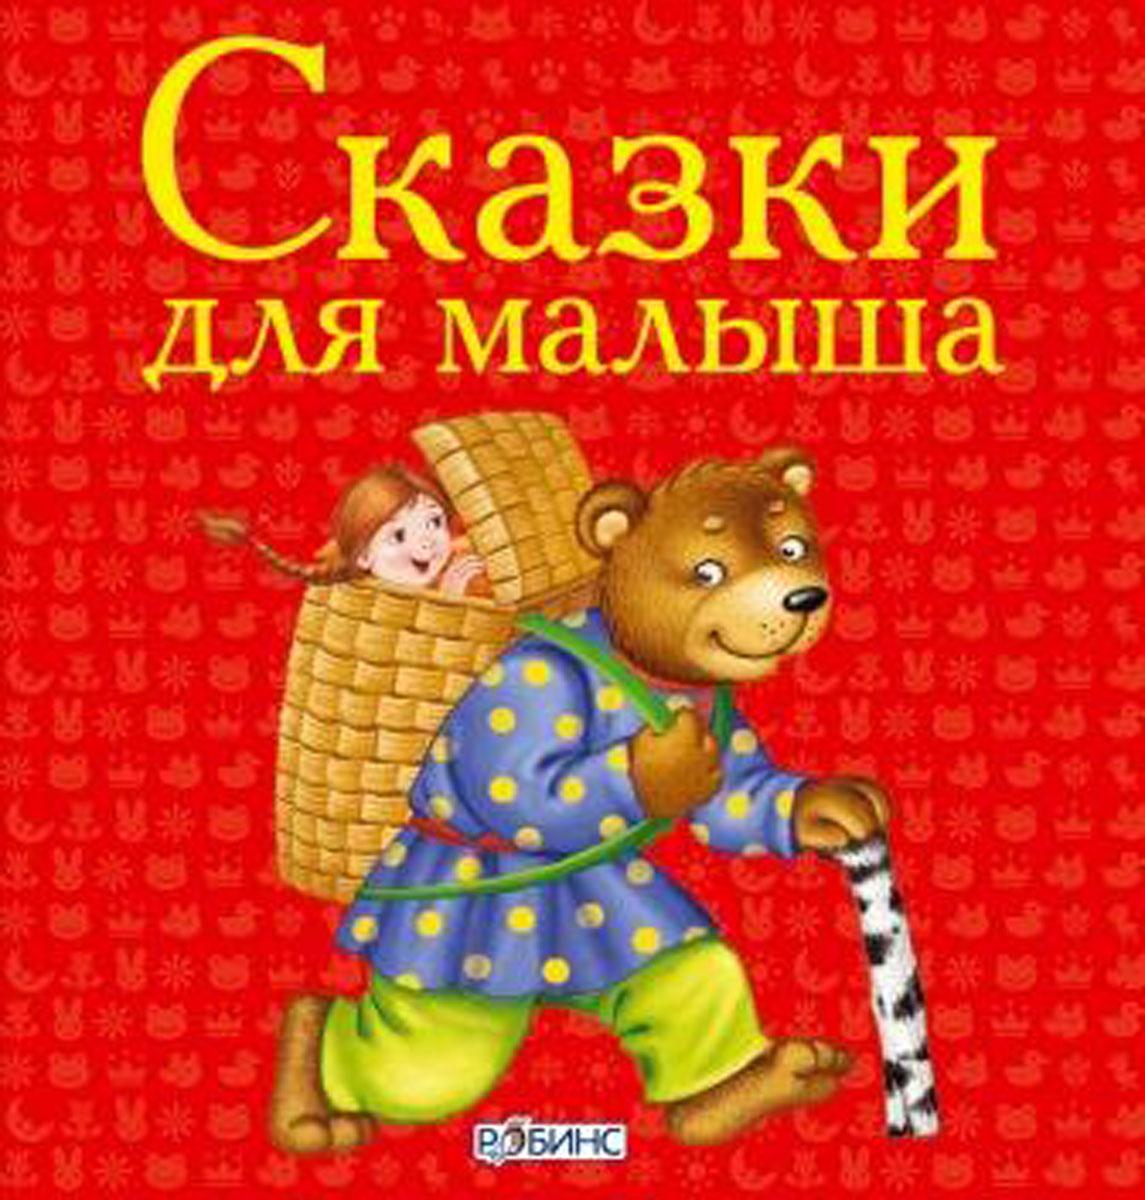 Сказки для малыша12296407Сказки-кубики Сказки для малыша - это удивительное развивающее пособие для вашего ребенка. Рассматривайте вместе с ним картинки, читая сказки и играя в книжки кубики, вы способствуете развитию мелкой моторики, памяти и внимания, а также воображения и эмоциональной активности. Внутри вы найдете 4 книжки-кубика с крупными сюжетными картинками и текстами сказок. Содержание: § Гуси-лебеди; § Маша и медведь; § Лиса и заяц; § Мужик и медведь. Каждая книжка - это еще и трещетка! В чем особенность книги: - Яркие, крупные иллюстрации; - 4 сказки в небольшом формате. Что найдем внутри: - 4 книжки; - Веселое времяпрепровождение. Содержание: - Веселые картинки. Важно знать родителям: - Книга предназначена для детей от 1 года; - Развивает мелкую моторику, память, внимание, восприятие, воображение, мышление, логические способности; - Интересные сказочные персонажи.